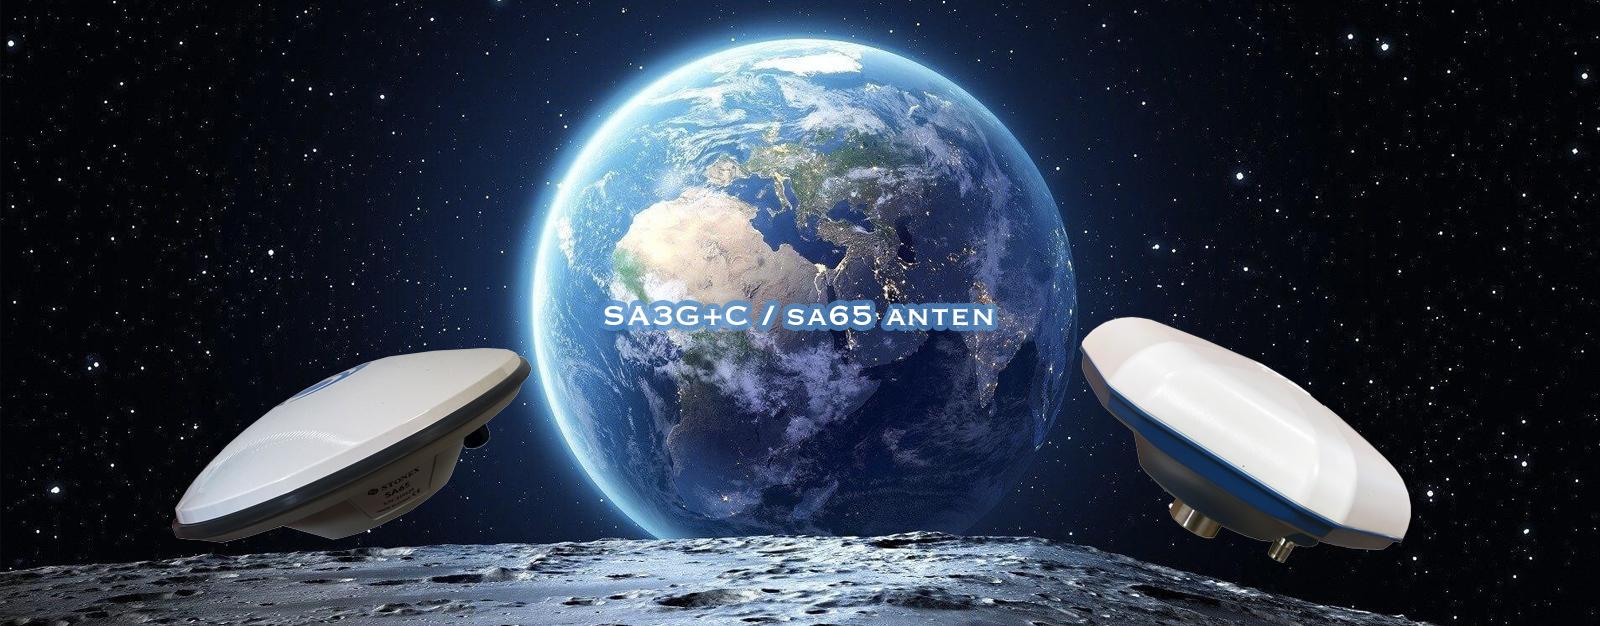 SA3G+C